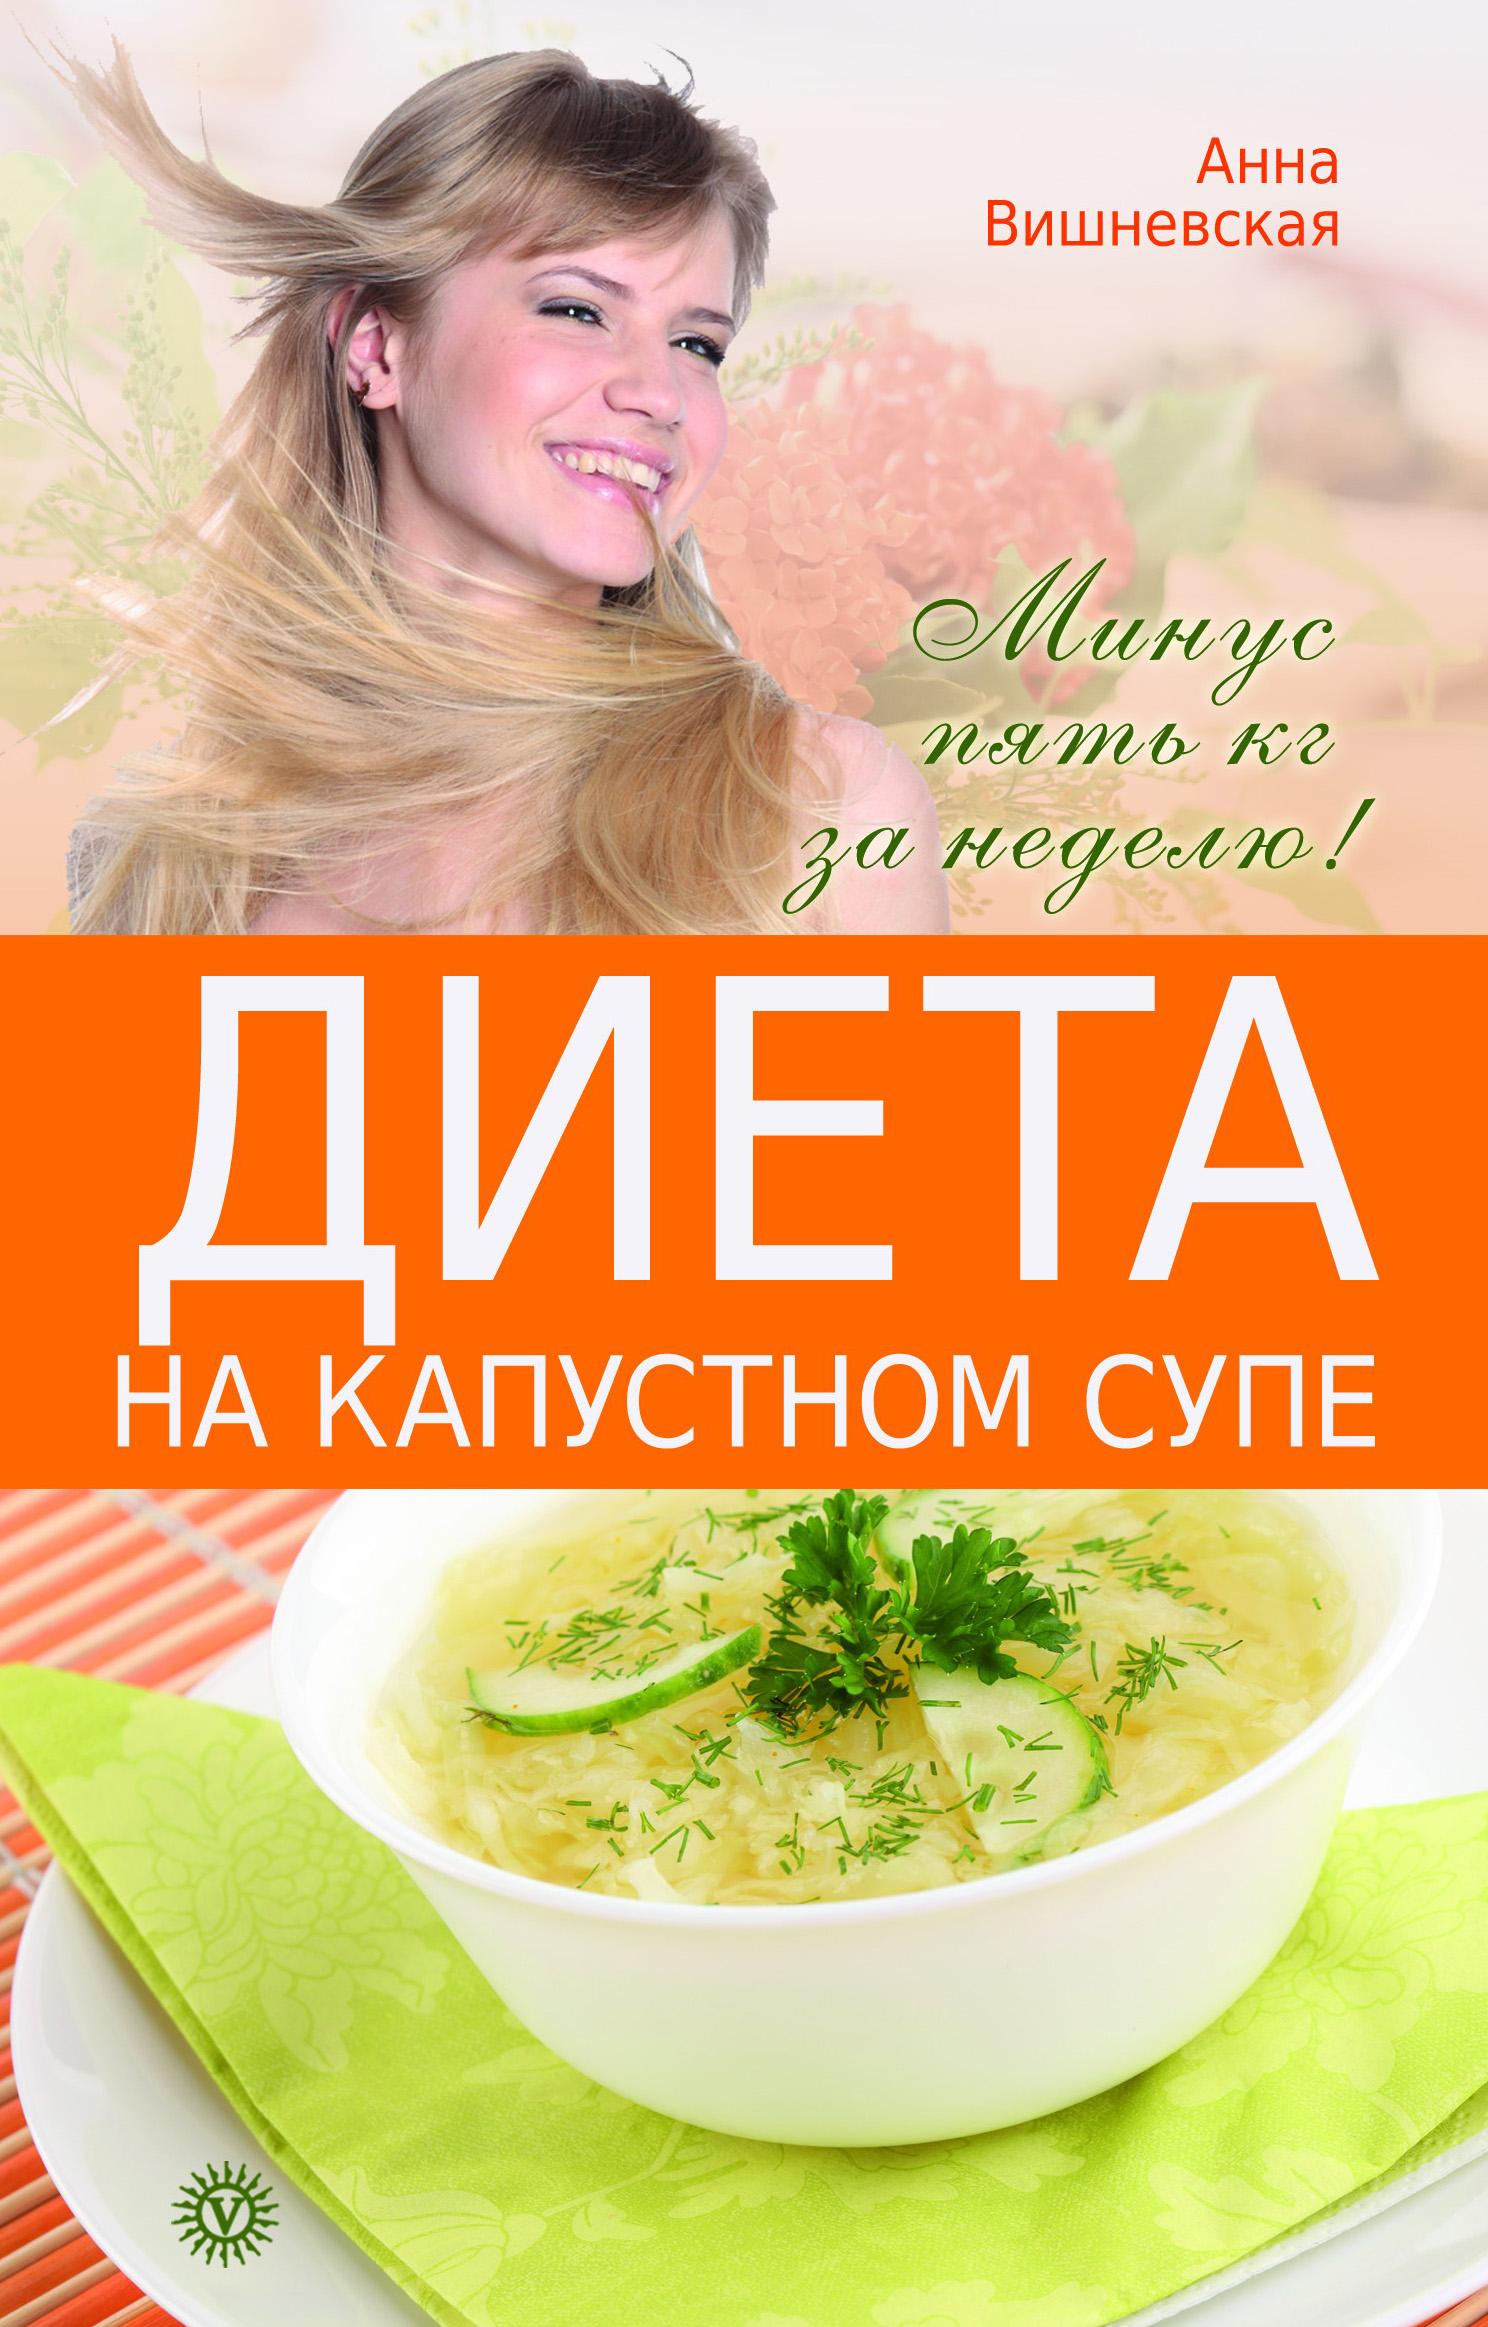 Анна Вишневская Диета на капустном супе. Минус пять кг за неделю